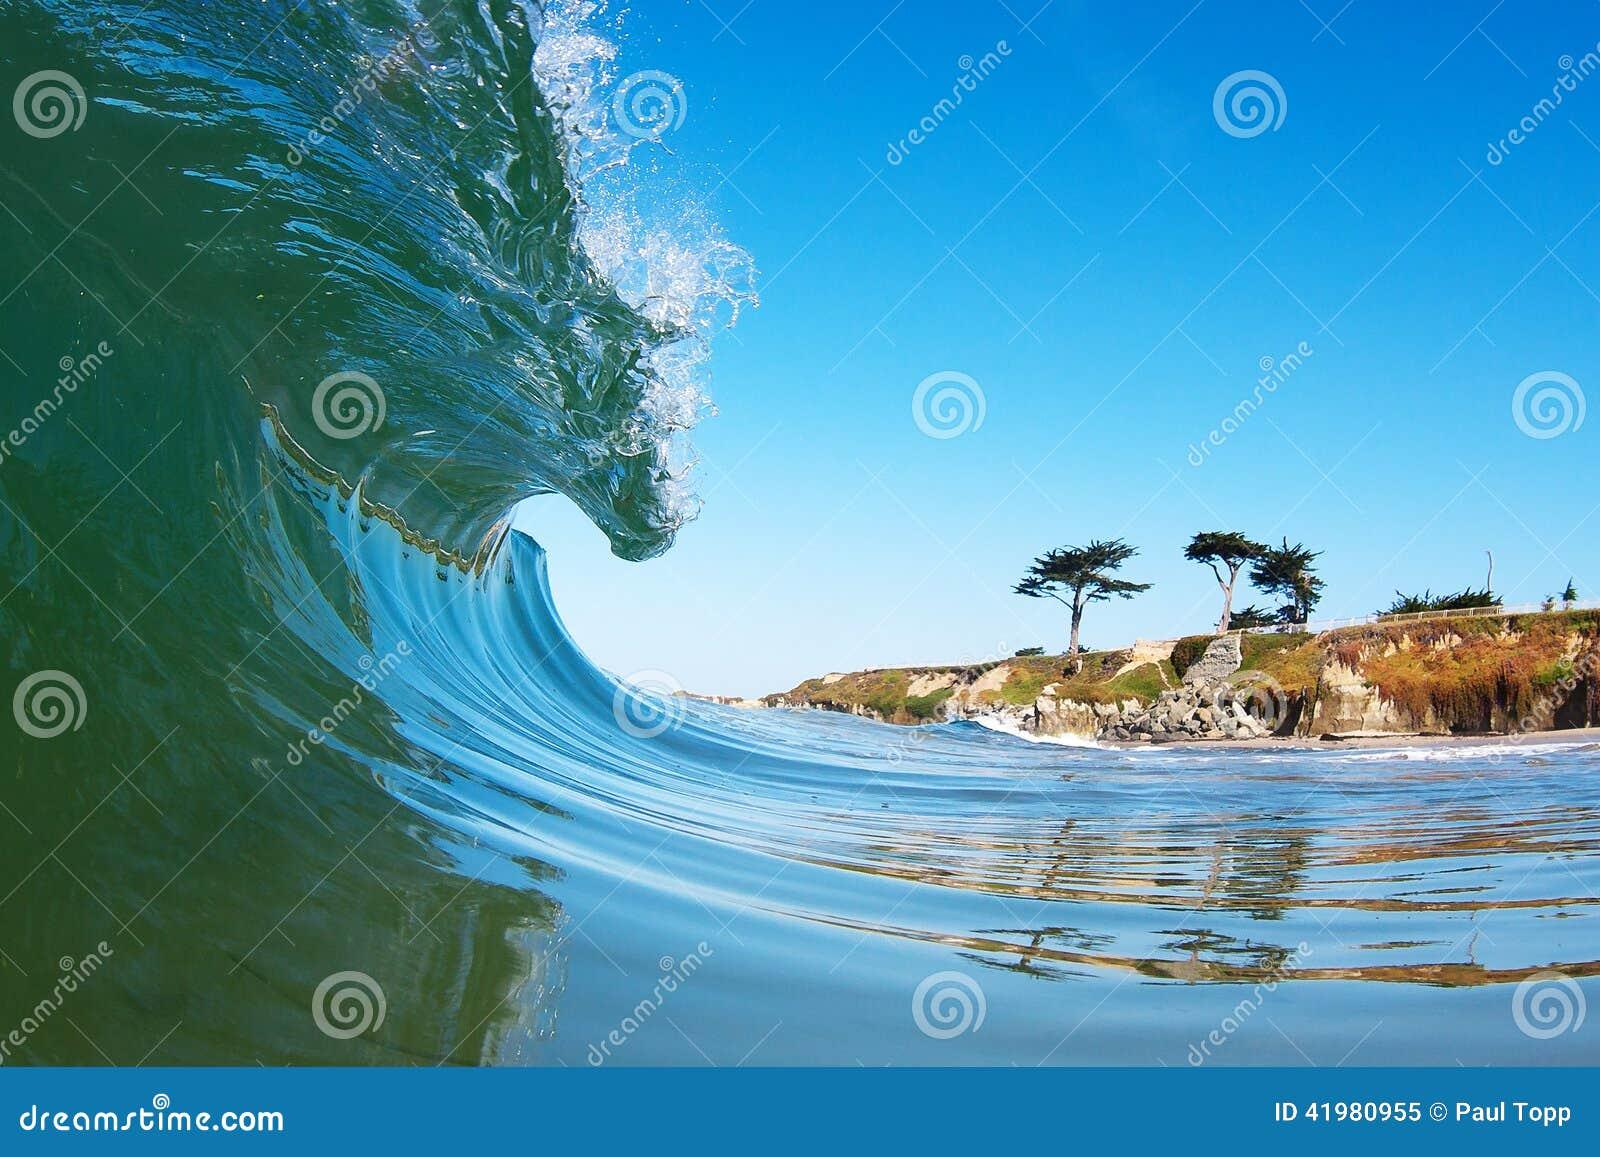 Wave praticante il surfing che si rompe vicino alla riva in California